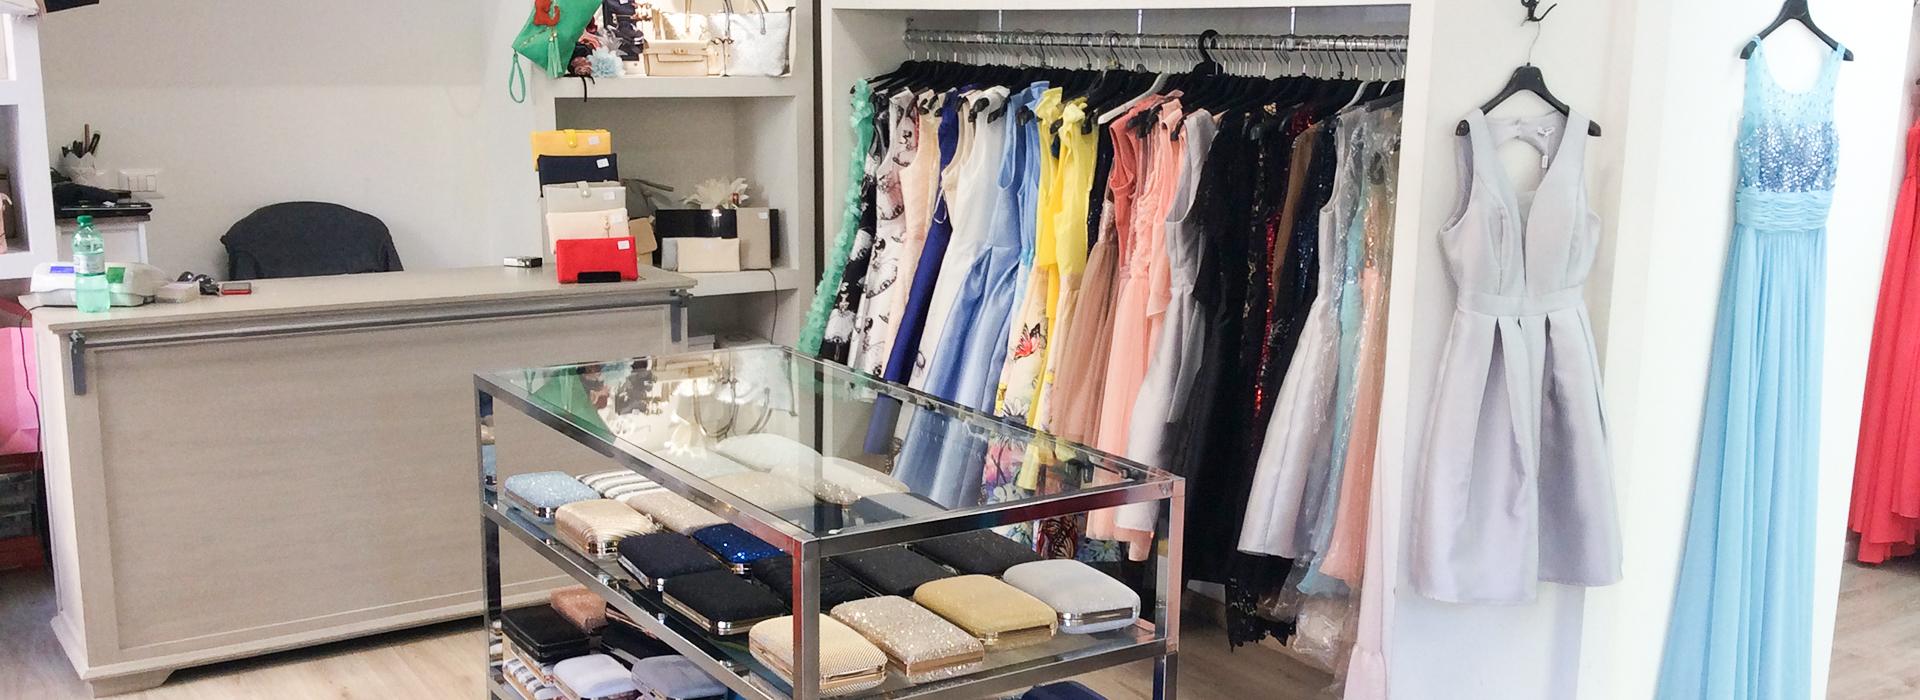 abbigliamento e accessori donna biancoperla roma quartiere trieste